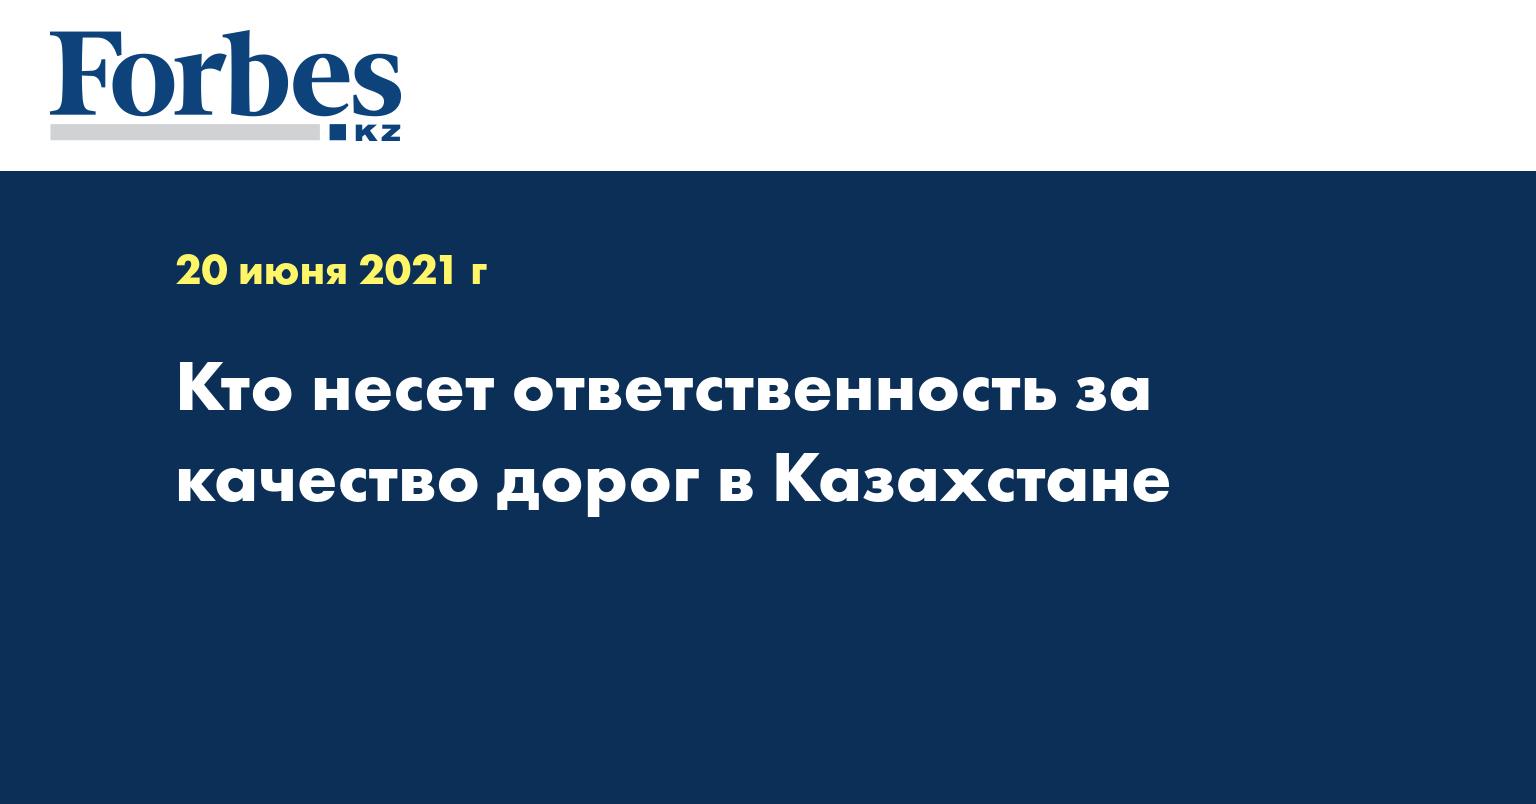 Кто несет ответственность за качество дорог в Казахстане